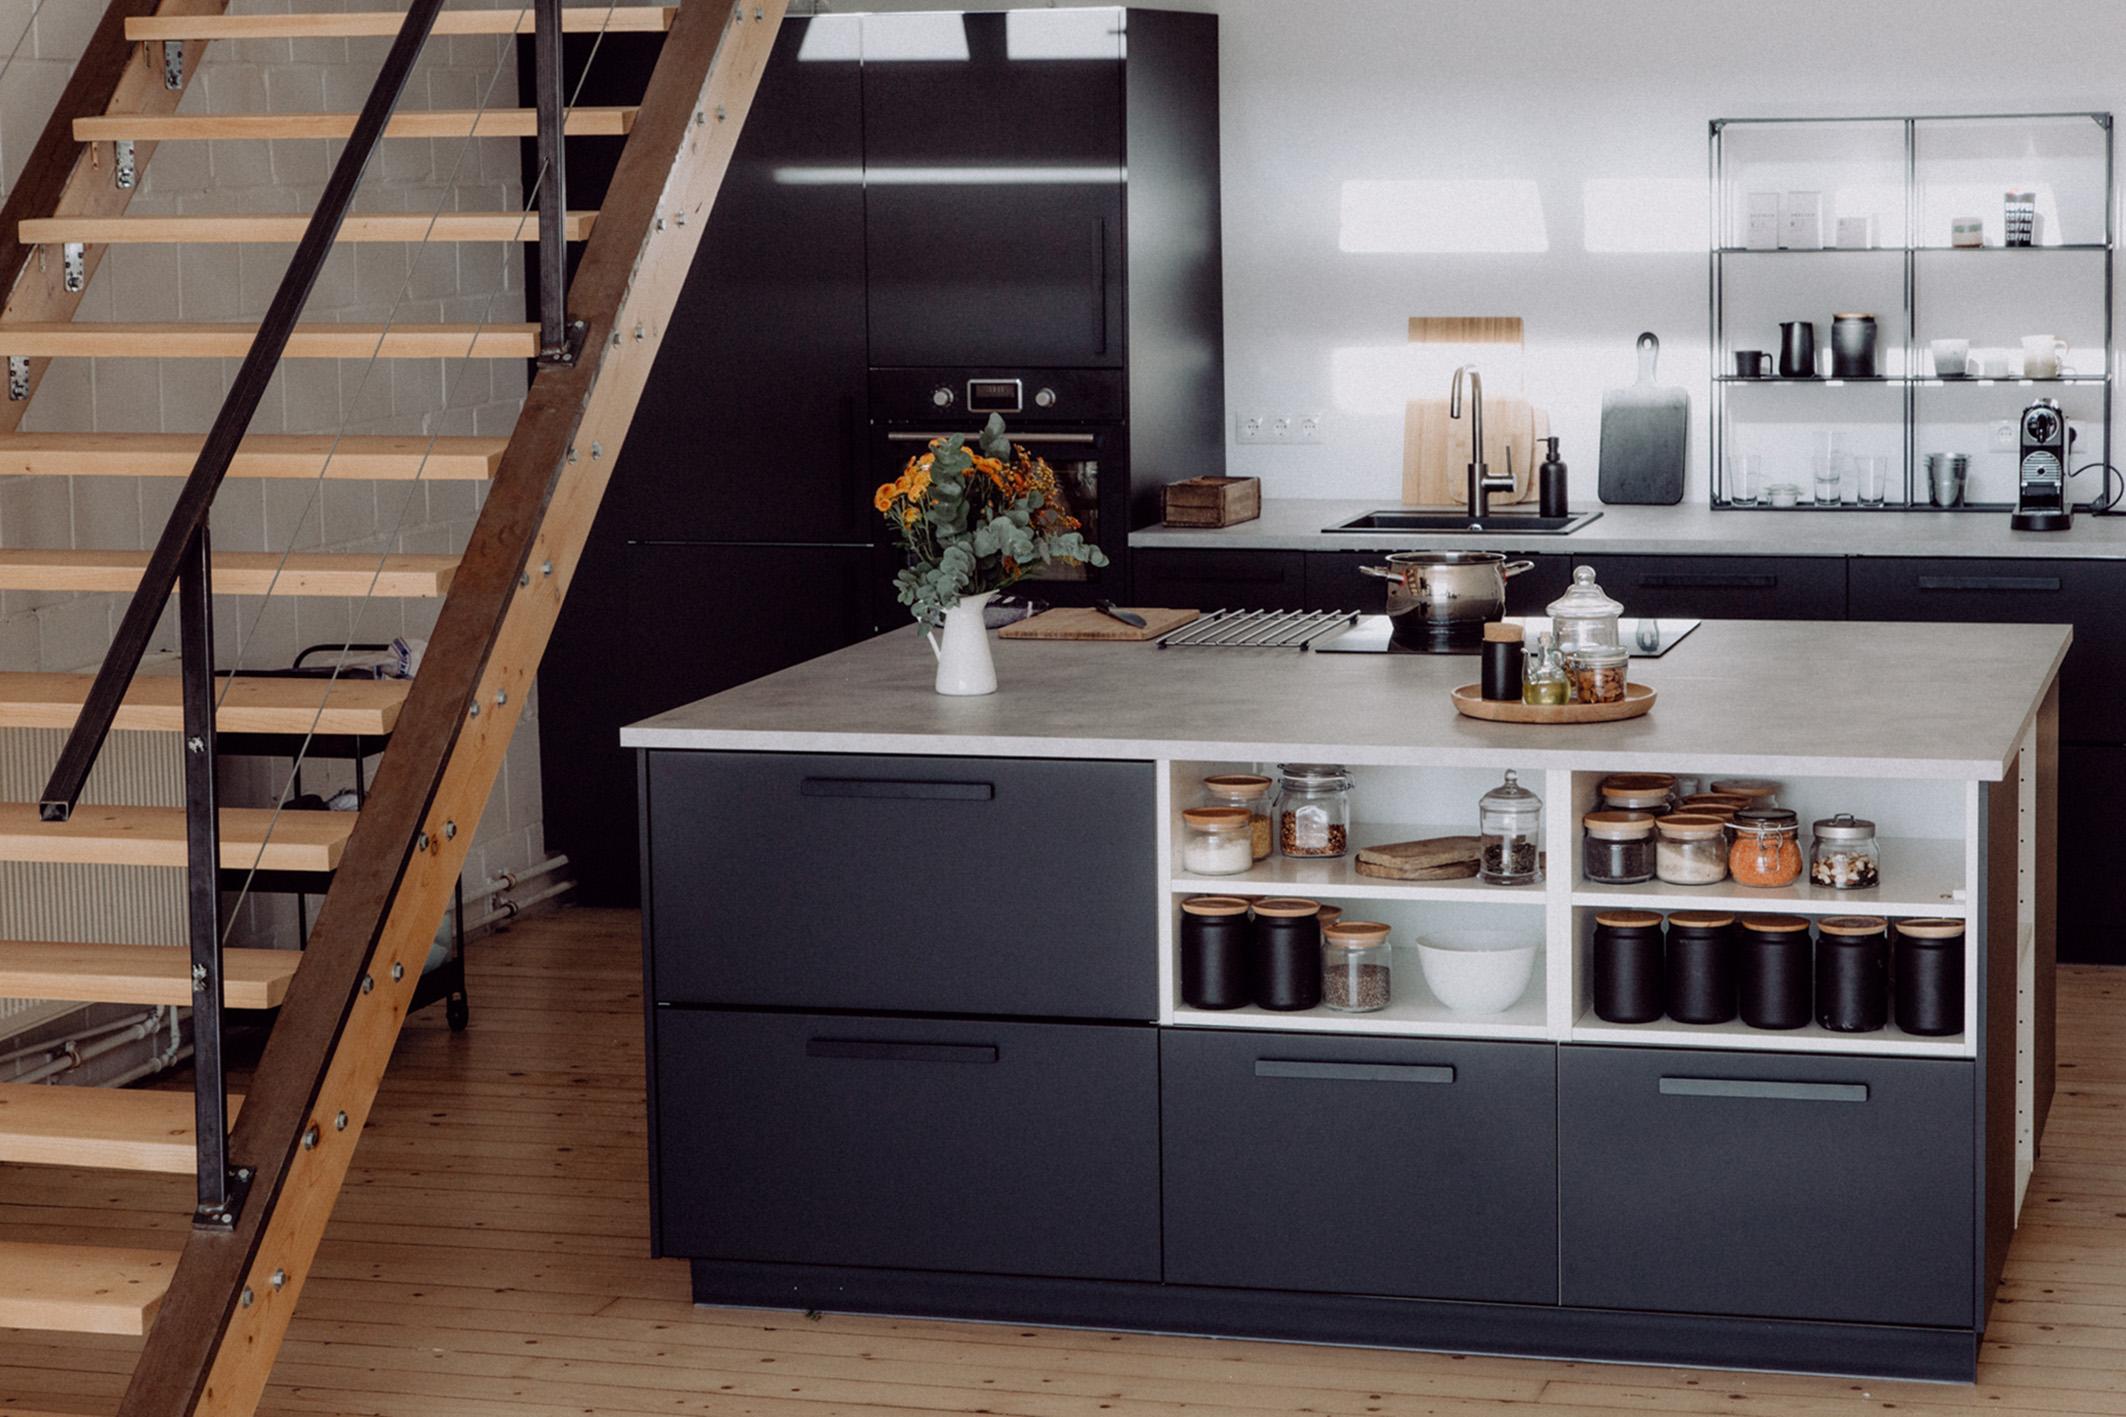 Full Size of Freistehende Küchen Ikea Kche Mit Freistehendem Kchenblock Regal Küche Wohnzimmer Freistehende Küchen